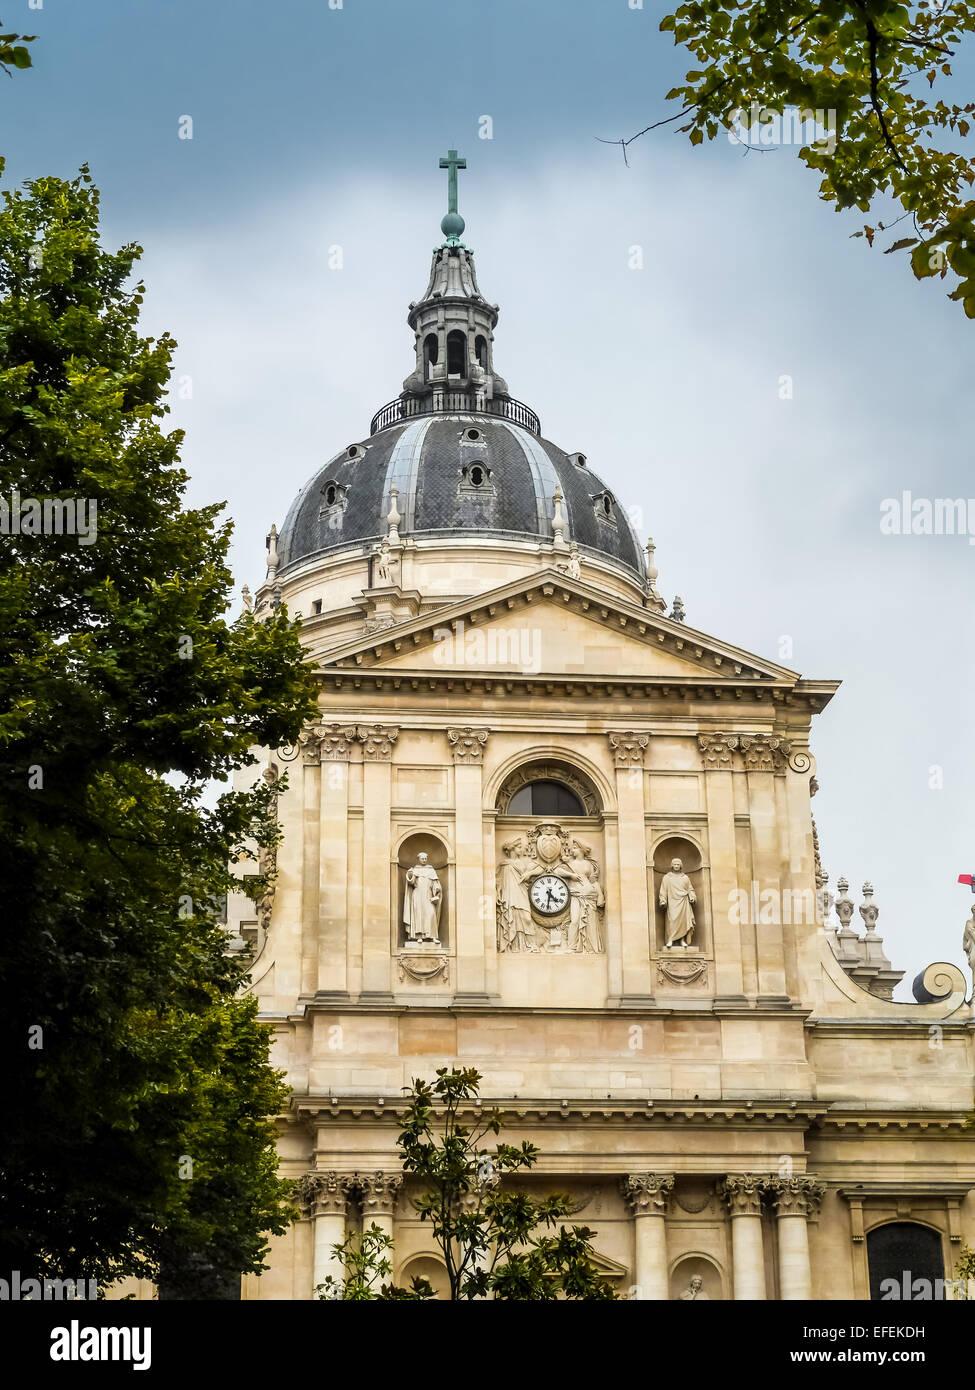 Famous Sorbonne University in Paris, France - Stock Image